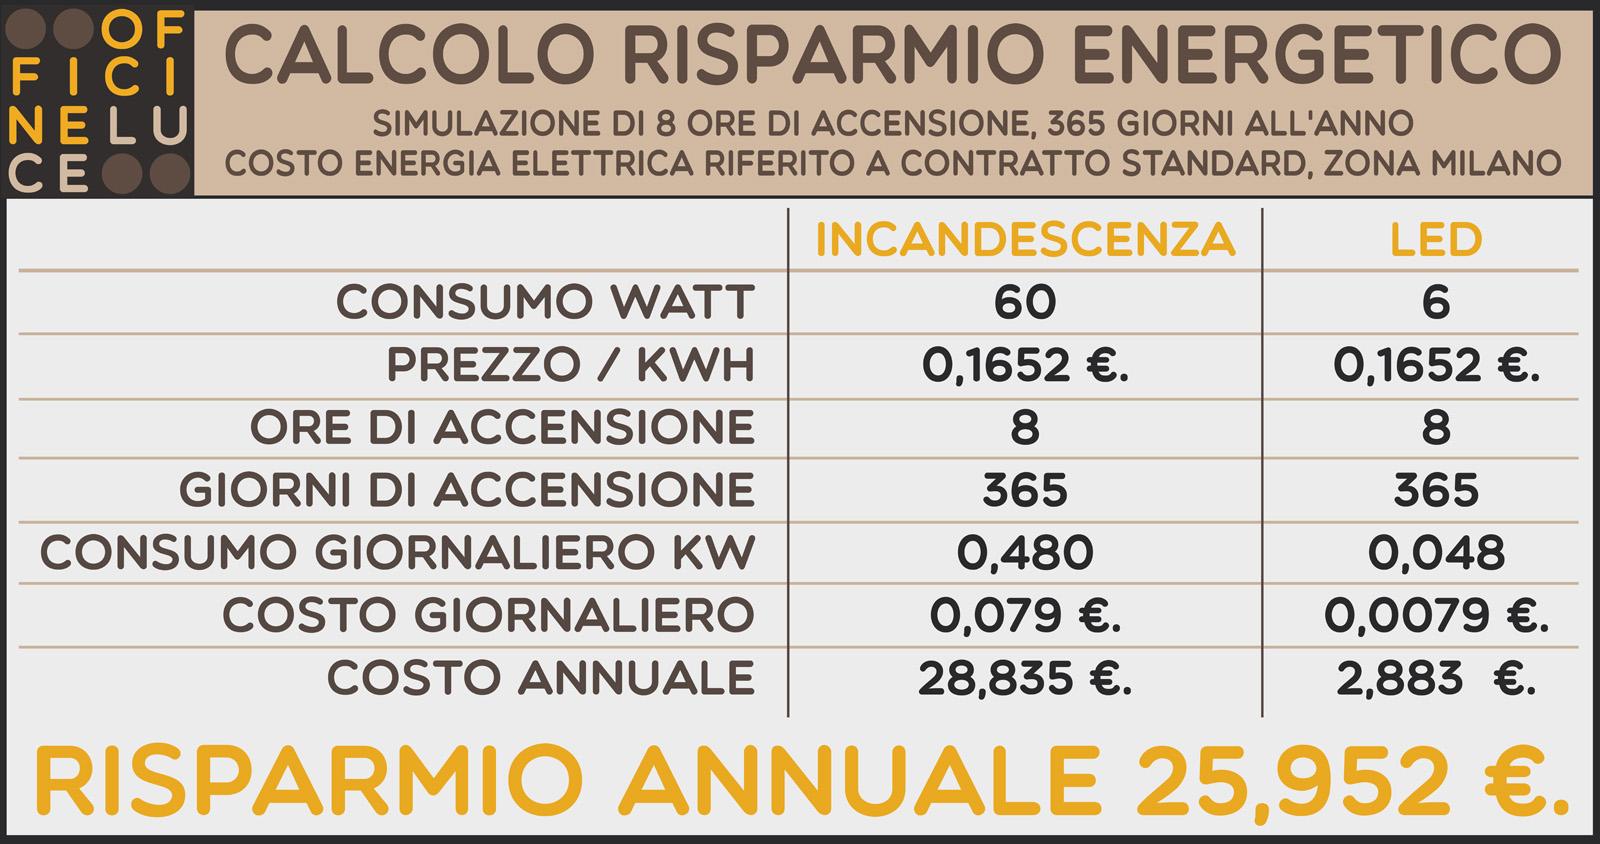 Calcolo risparmio energetico